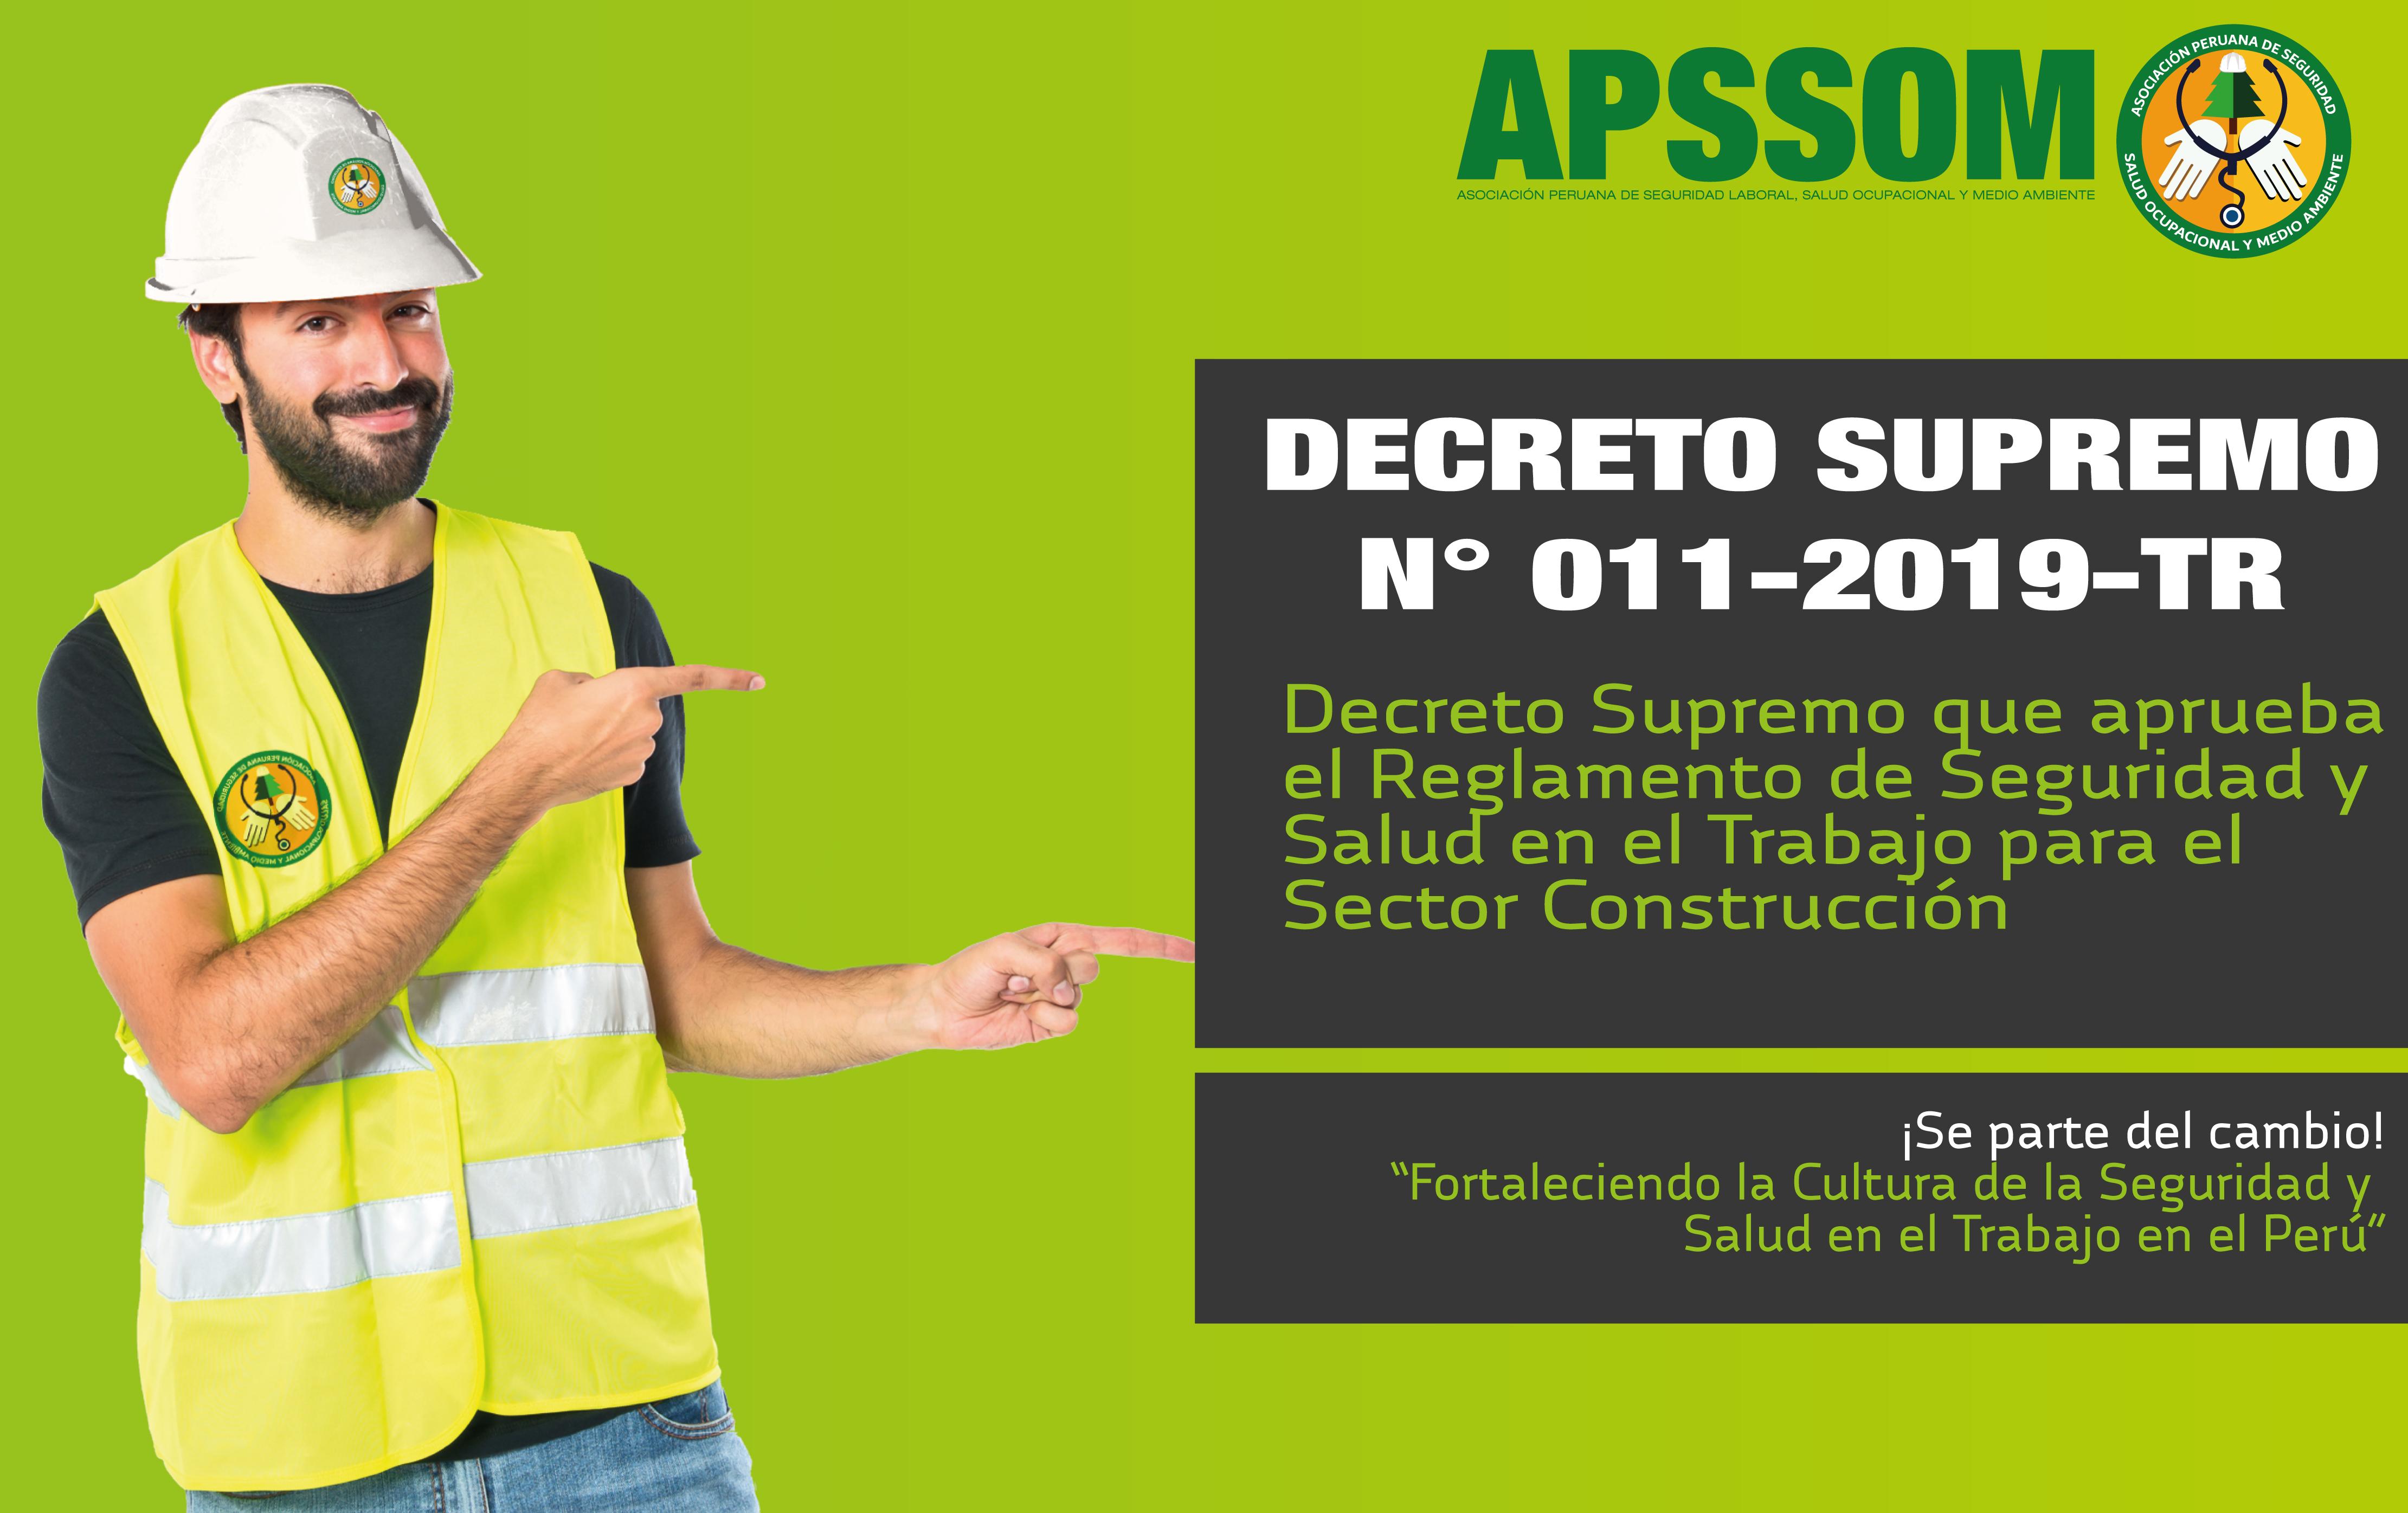 Decreto Supremo que aprueba el Reglamento de Seguridad y Salud en el Trabajo para el Sector Construcción DECRETO SUPREMO N° 011-2019-TR